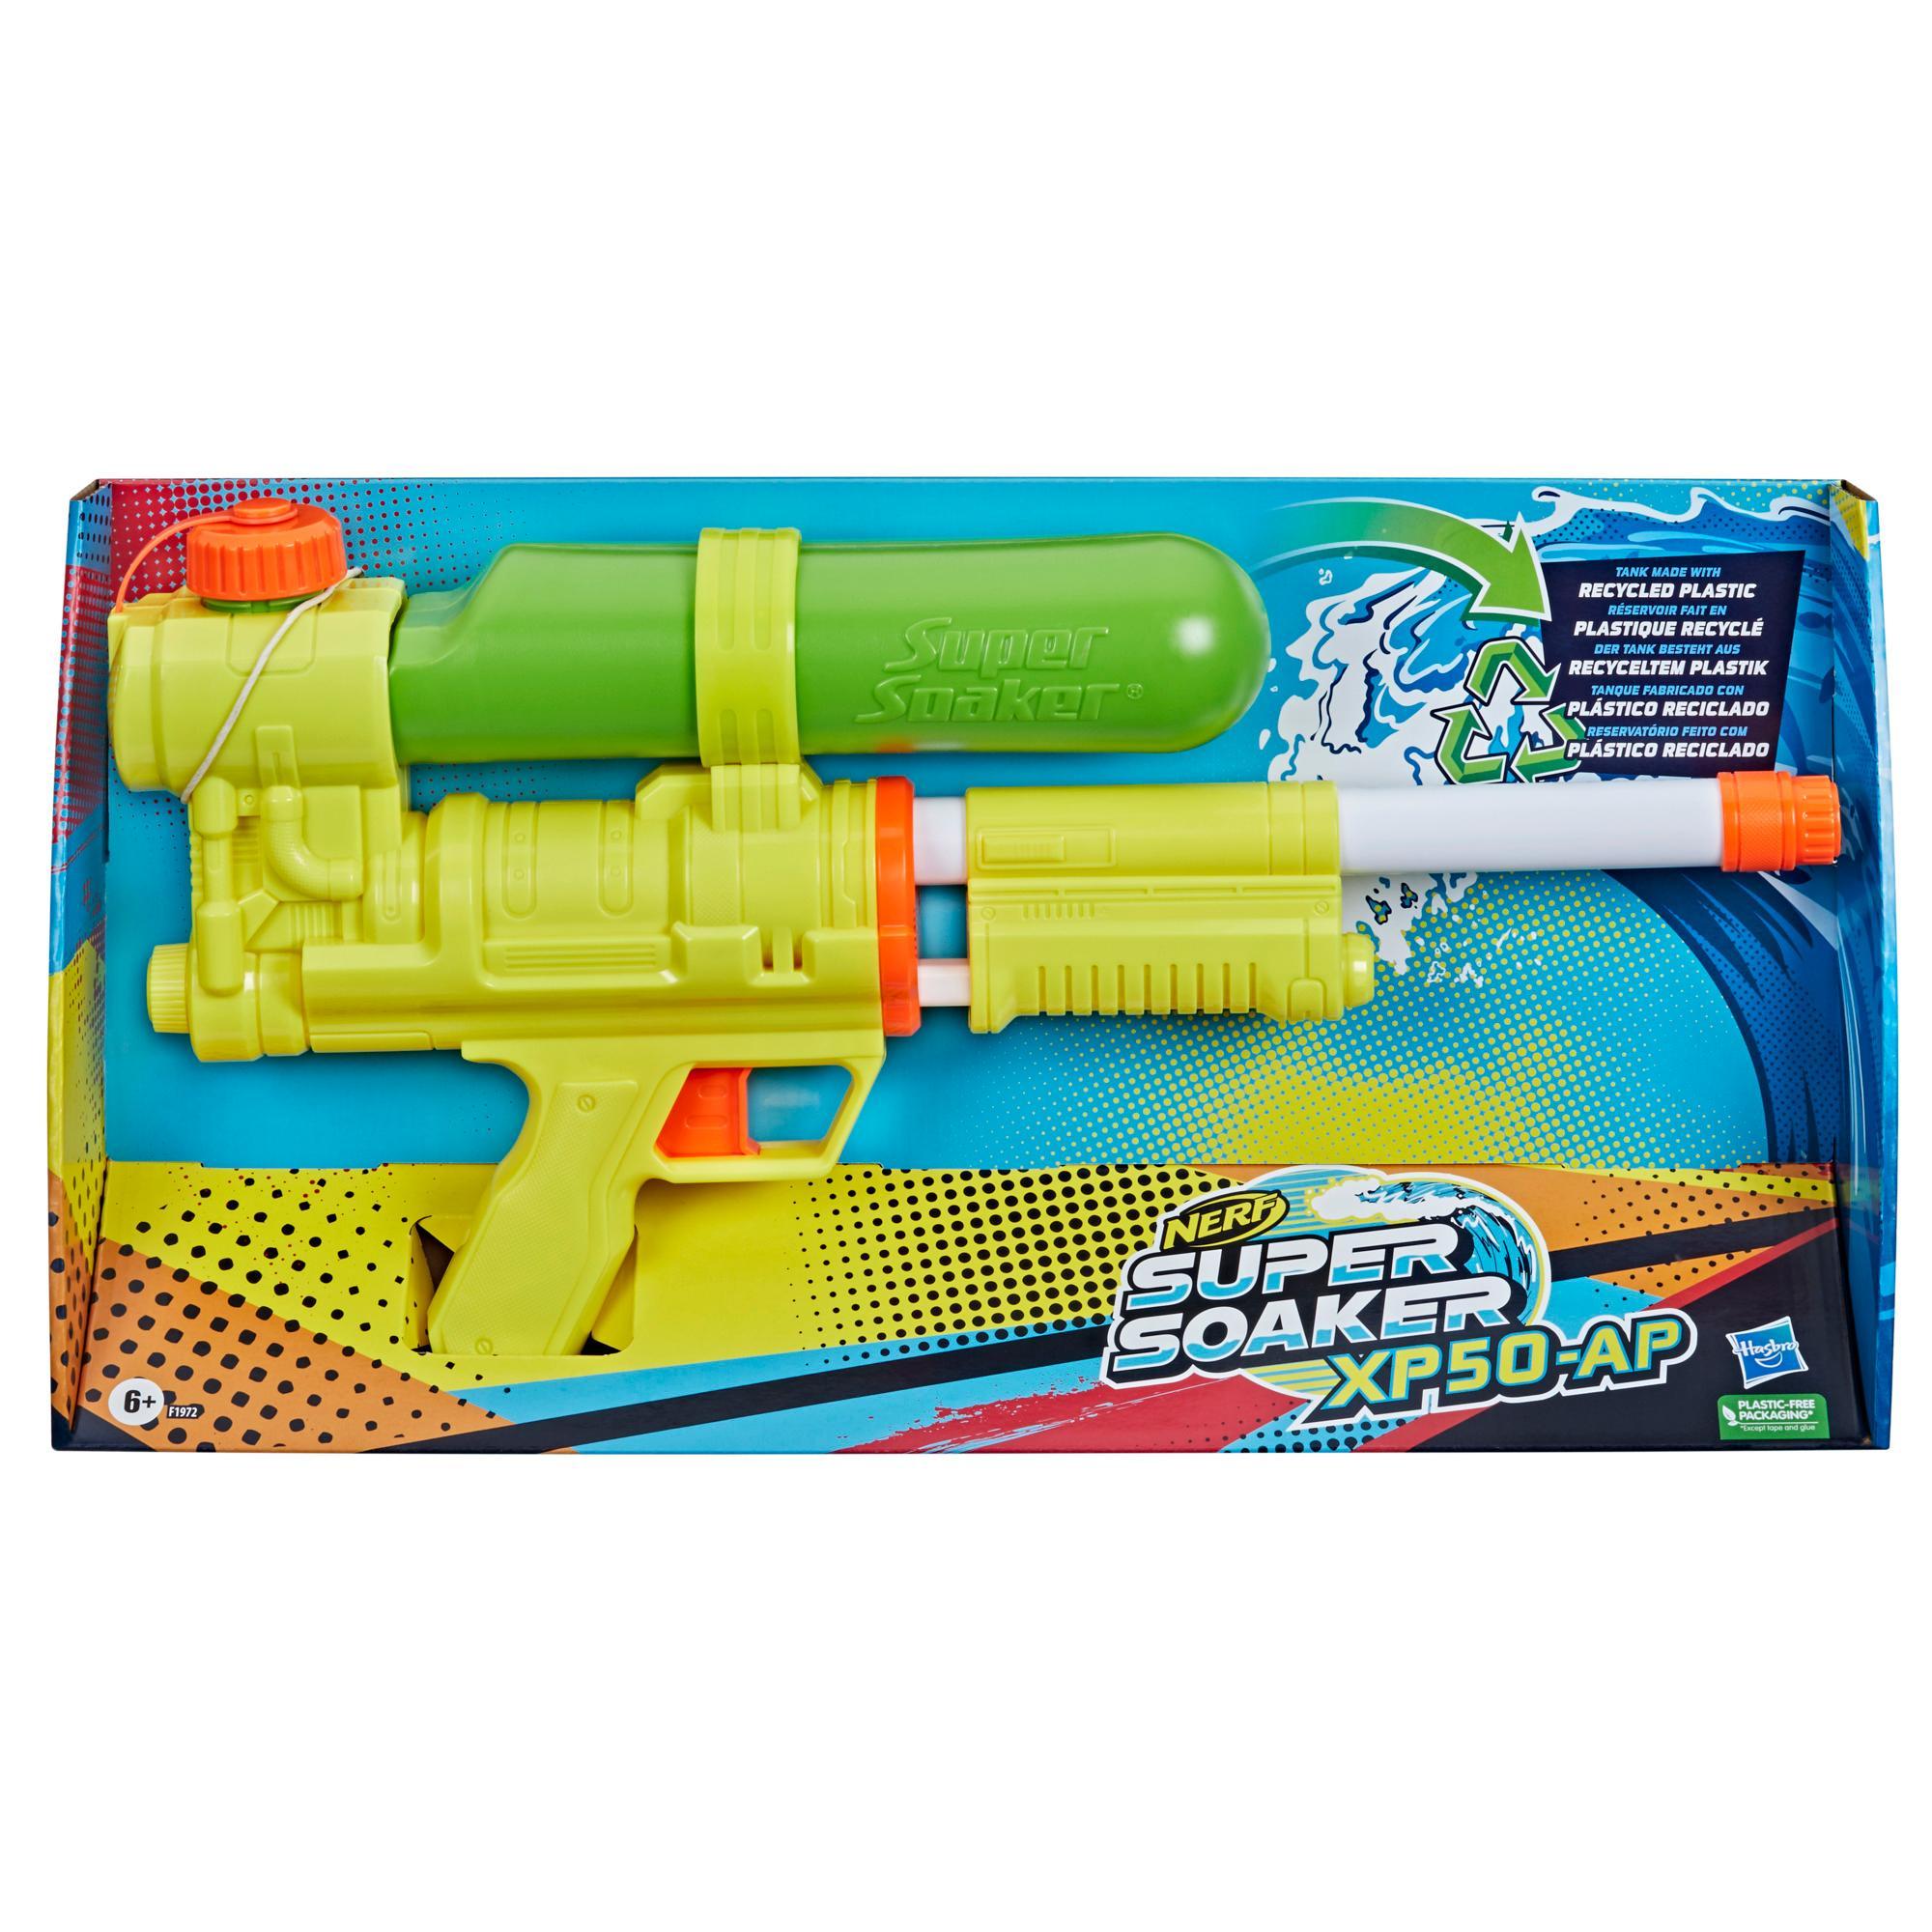 Nerf Super Soaker, blaster à eau XP50-AP, réservoir en plastique recyclé, jet d'eau continu à air comprimé